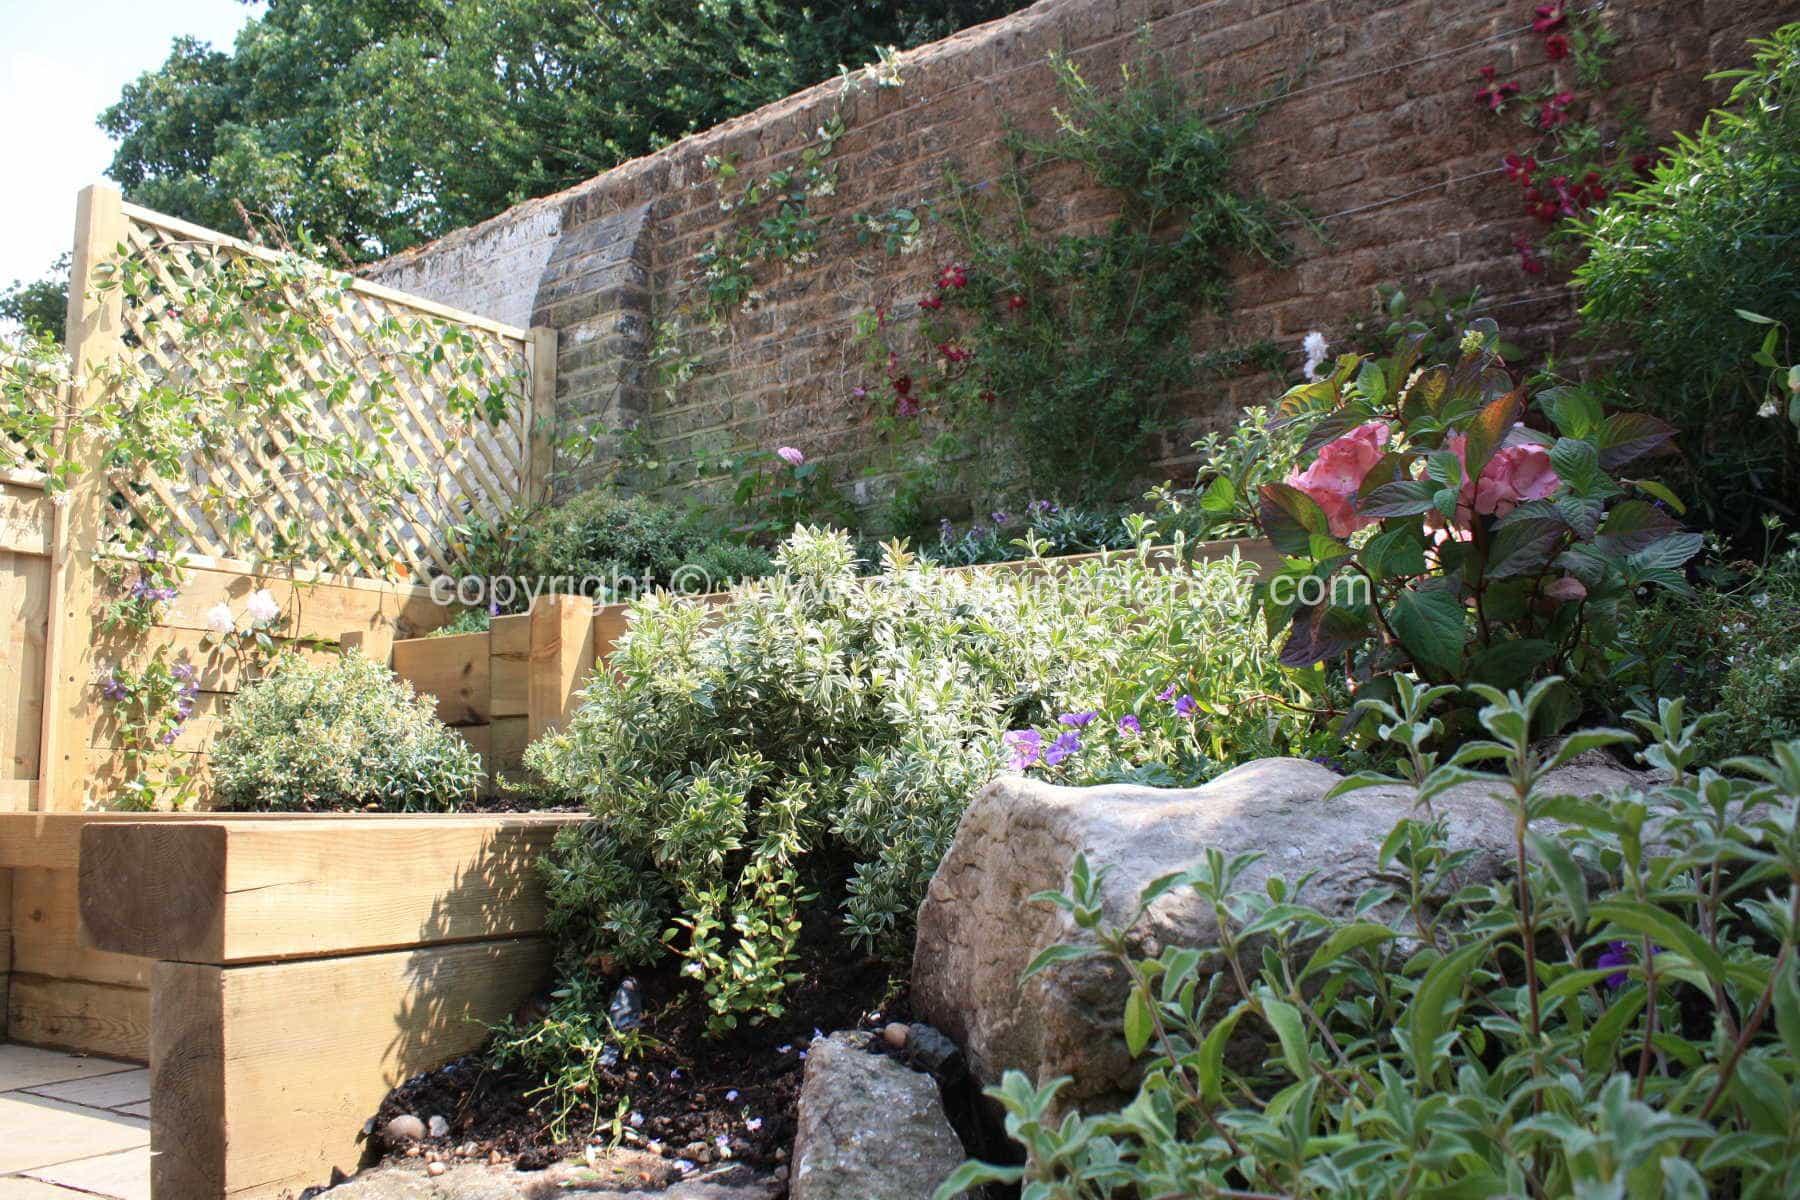 greenwich-terraced-garden-13